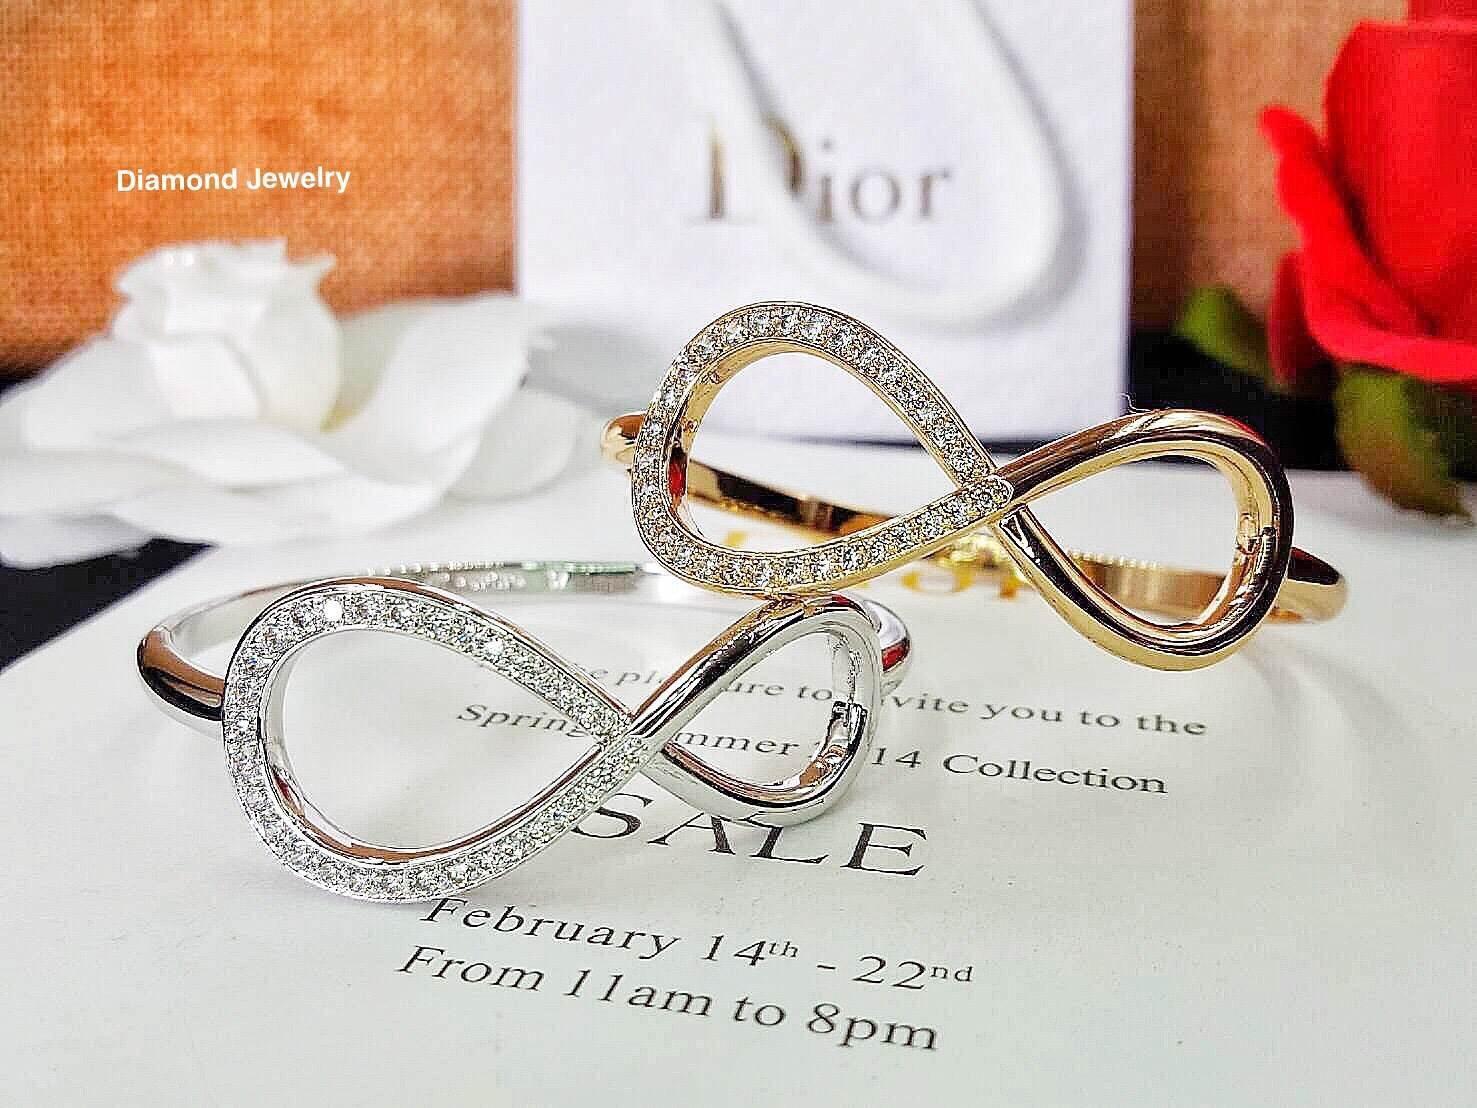 พร้อมส่ง Infinity Diamond Bangle กำไลงานสวยมากก